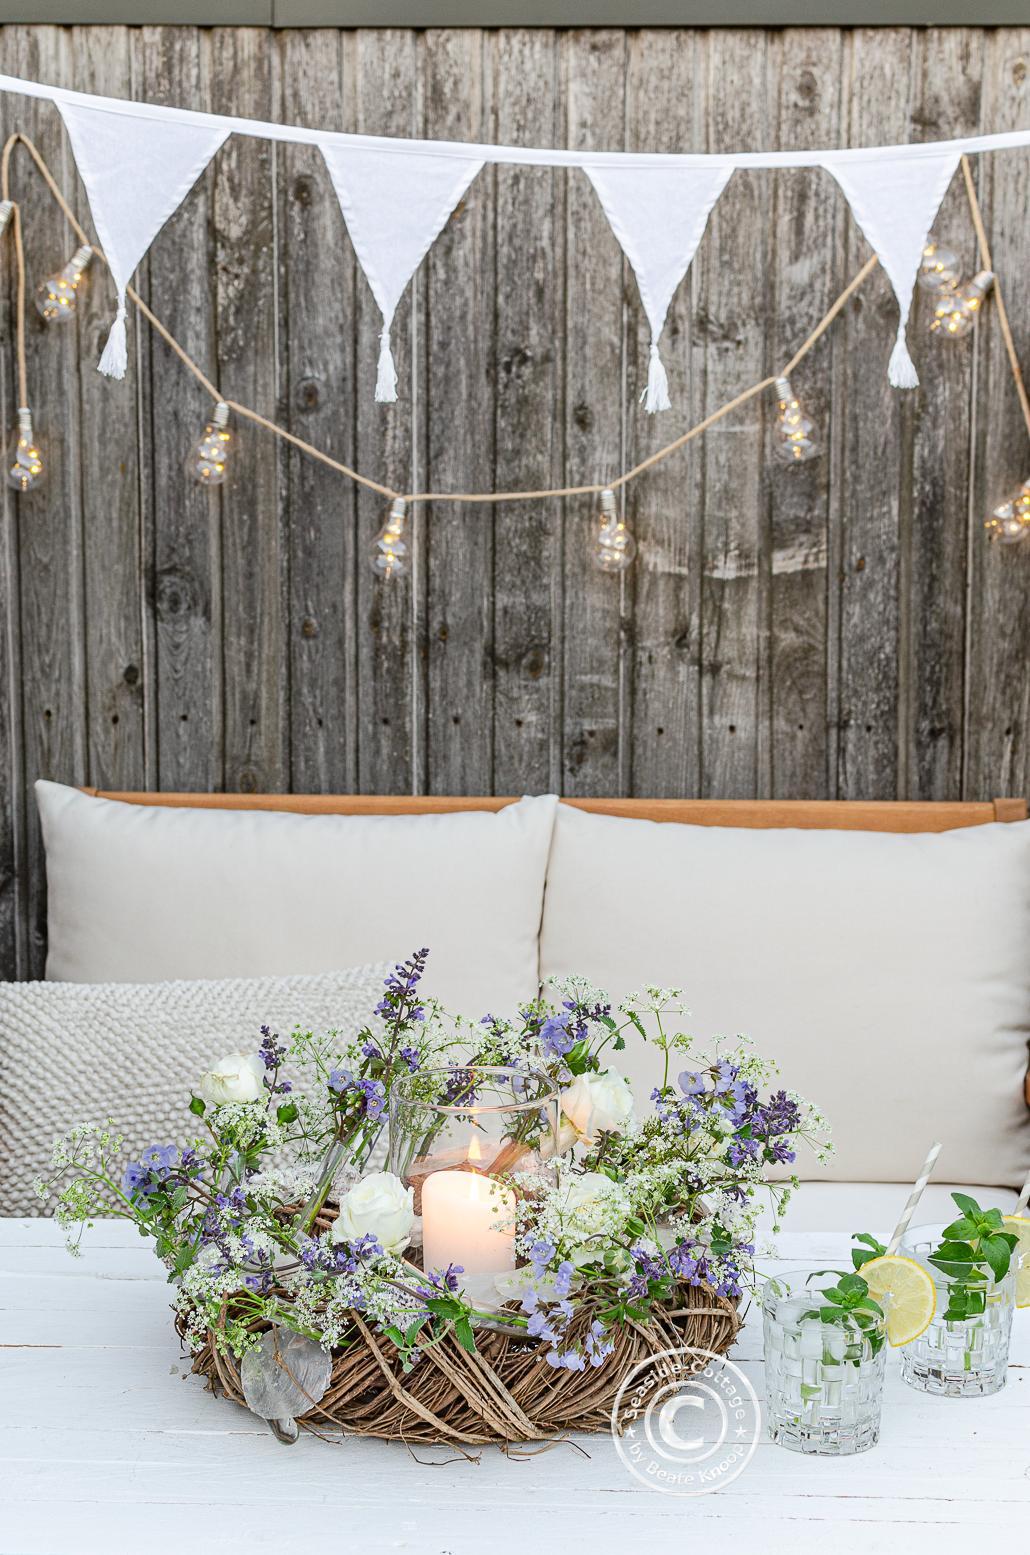 Gemütliche Sitzecke auf der Terrasse mit Sommerblumenkranz